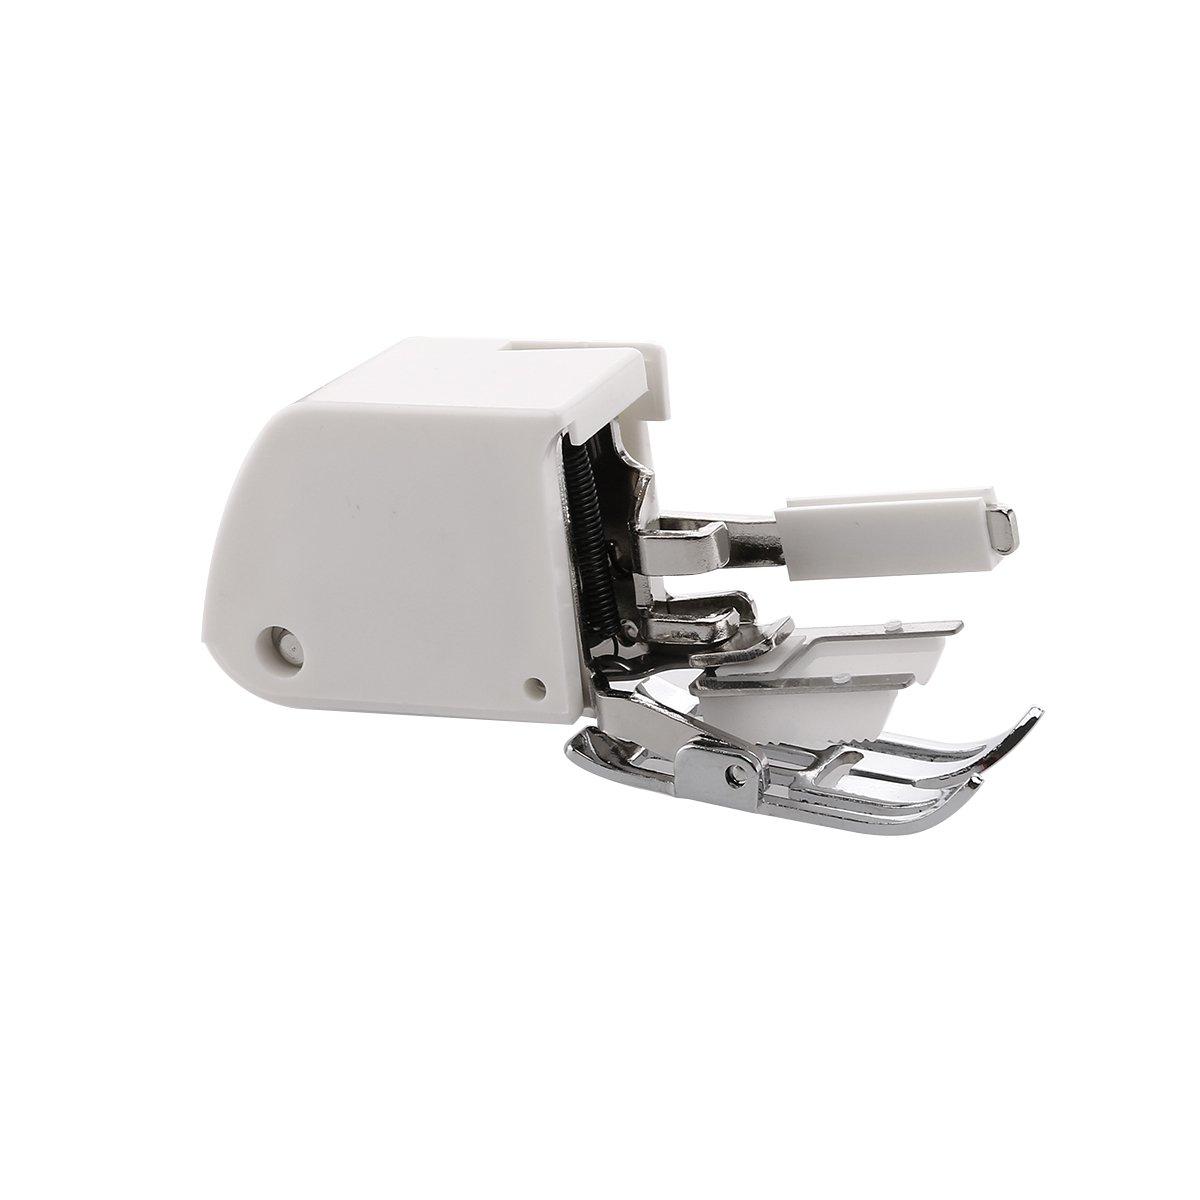 WINOMO Sewing Machine Screw-on Feed anche camminare a piedi con guida di Quilt per fratello Singer Janome